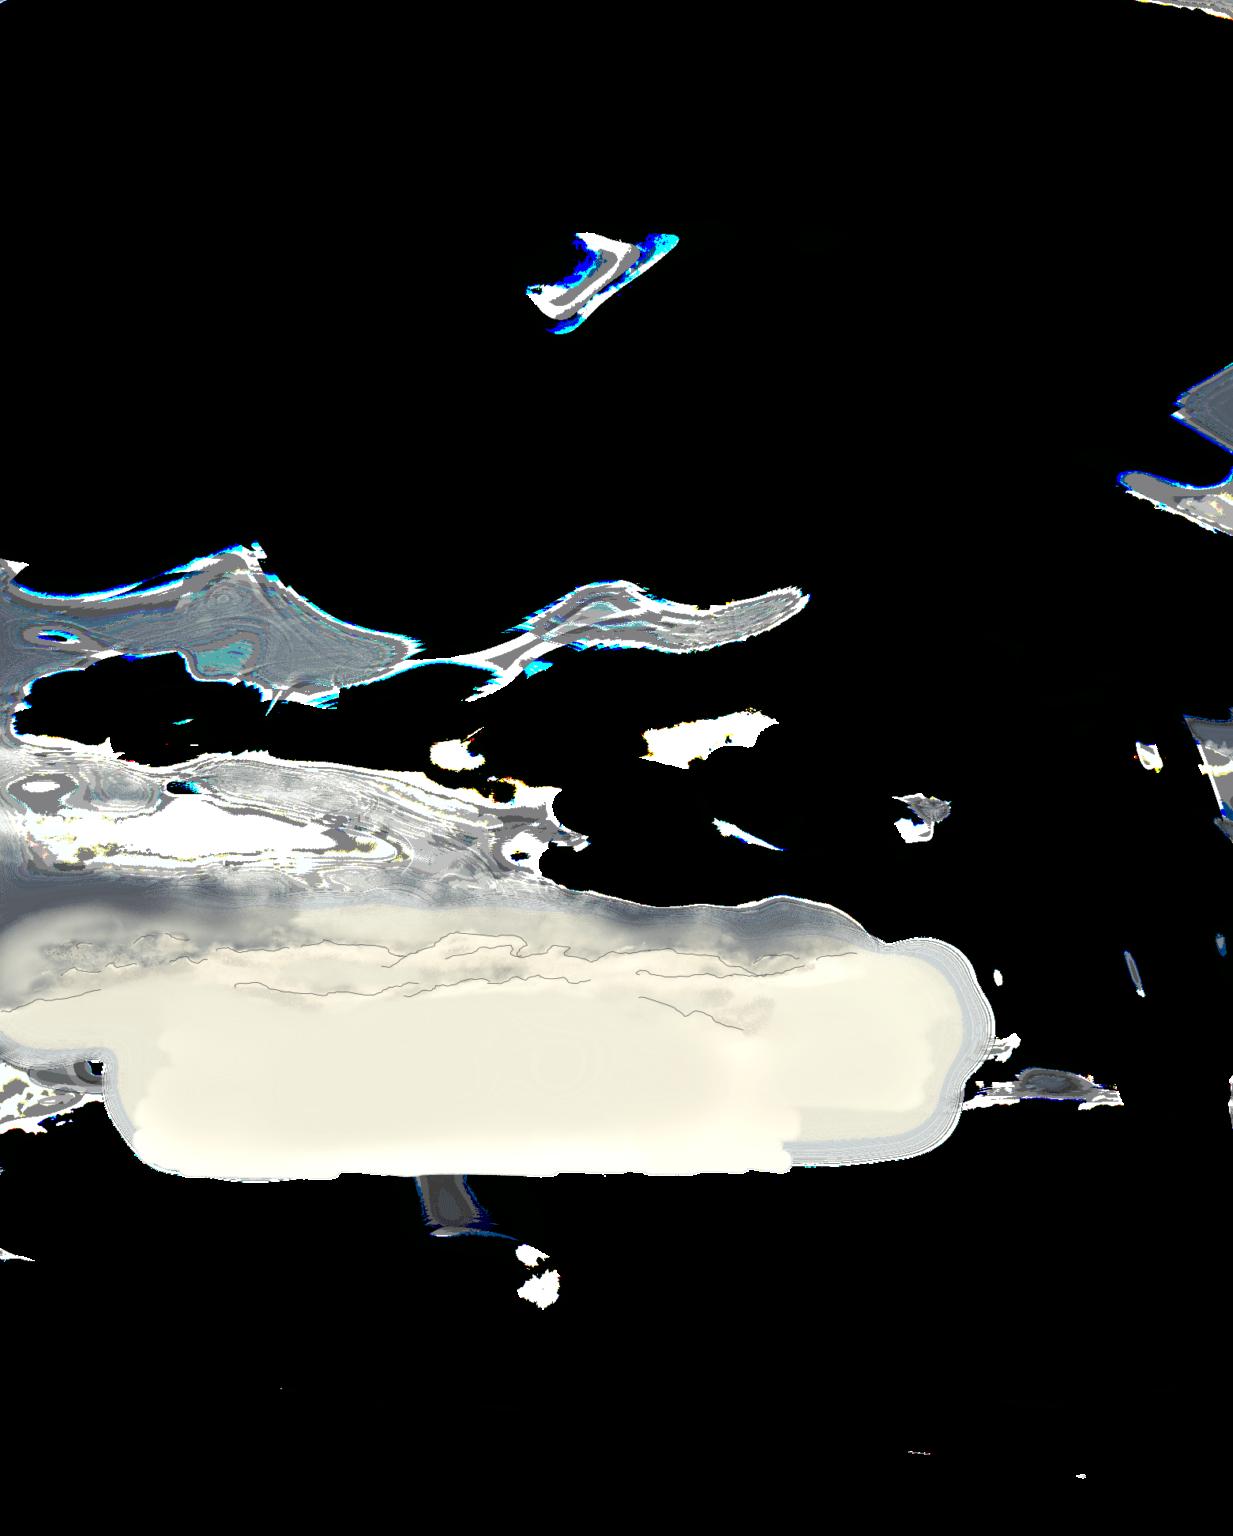 Cloud element for Tatuarium Tattoo Studio website